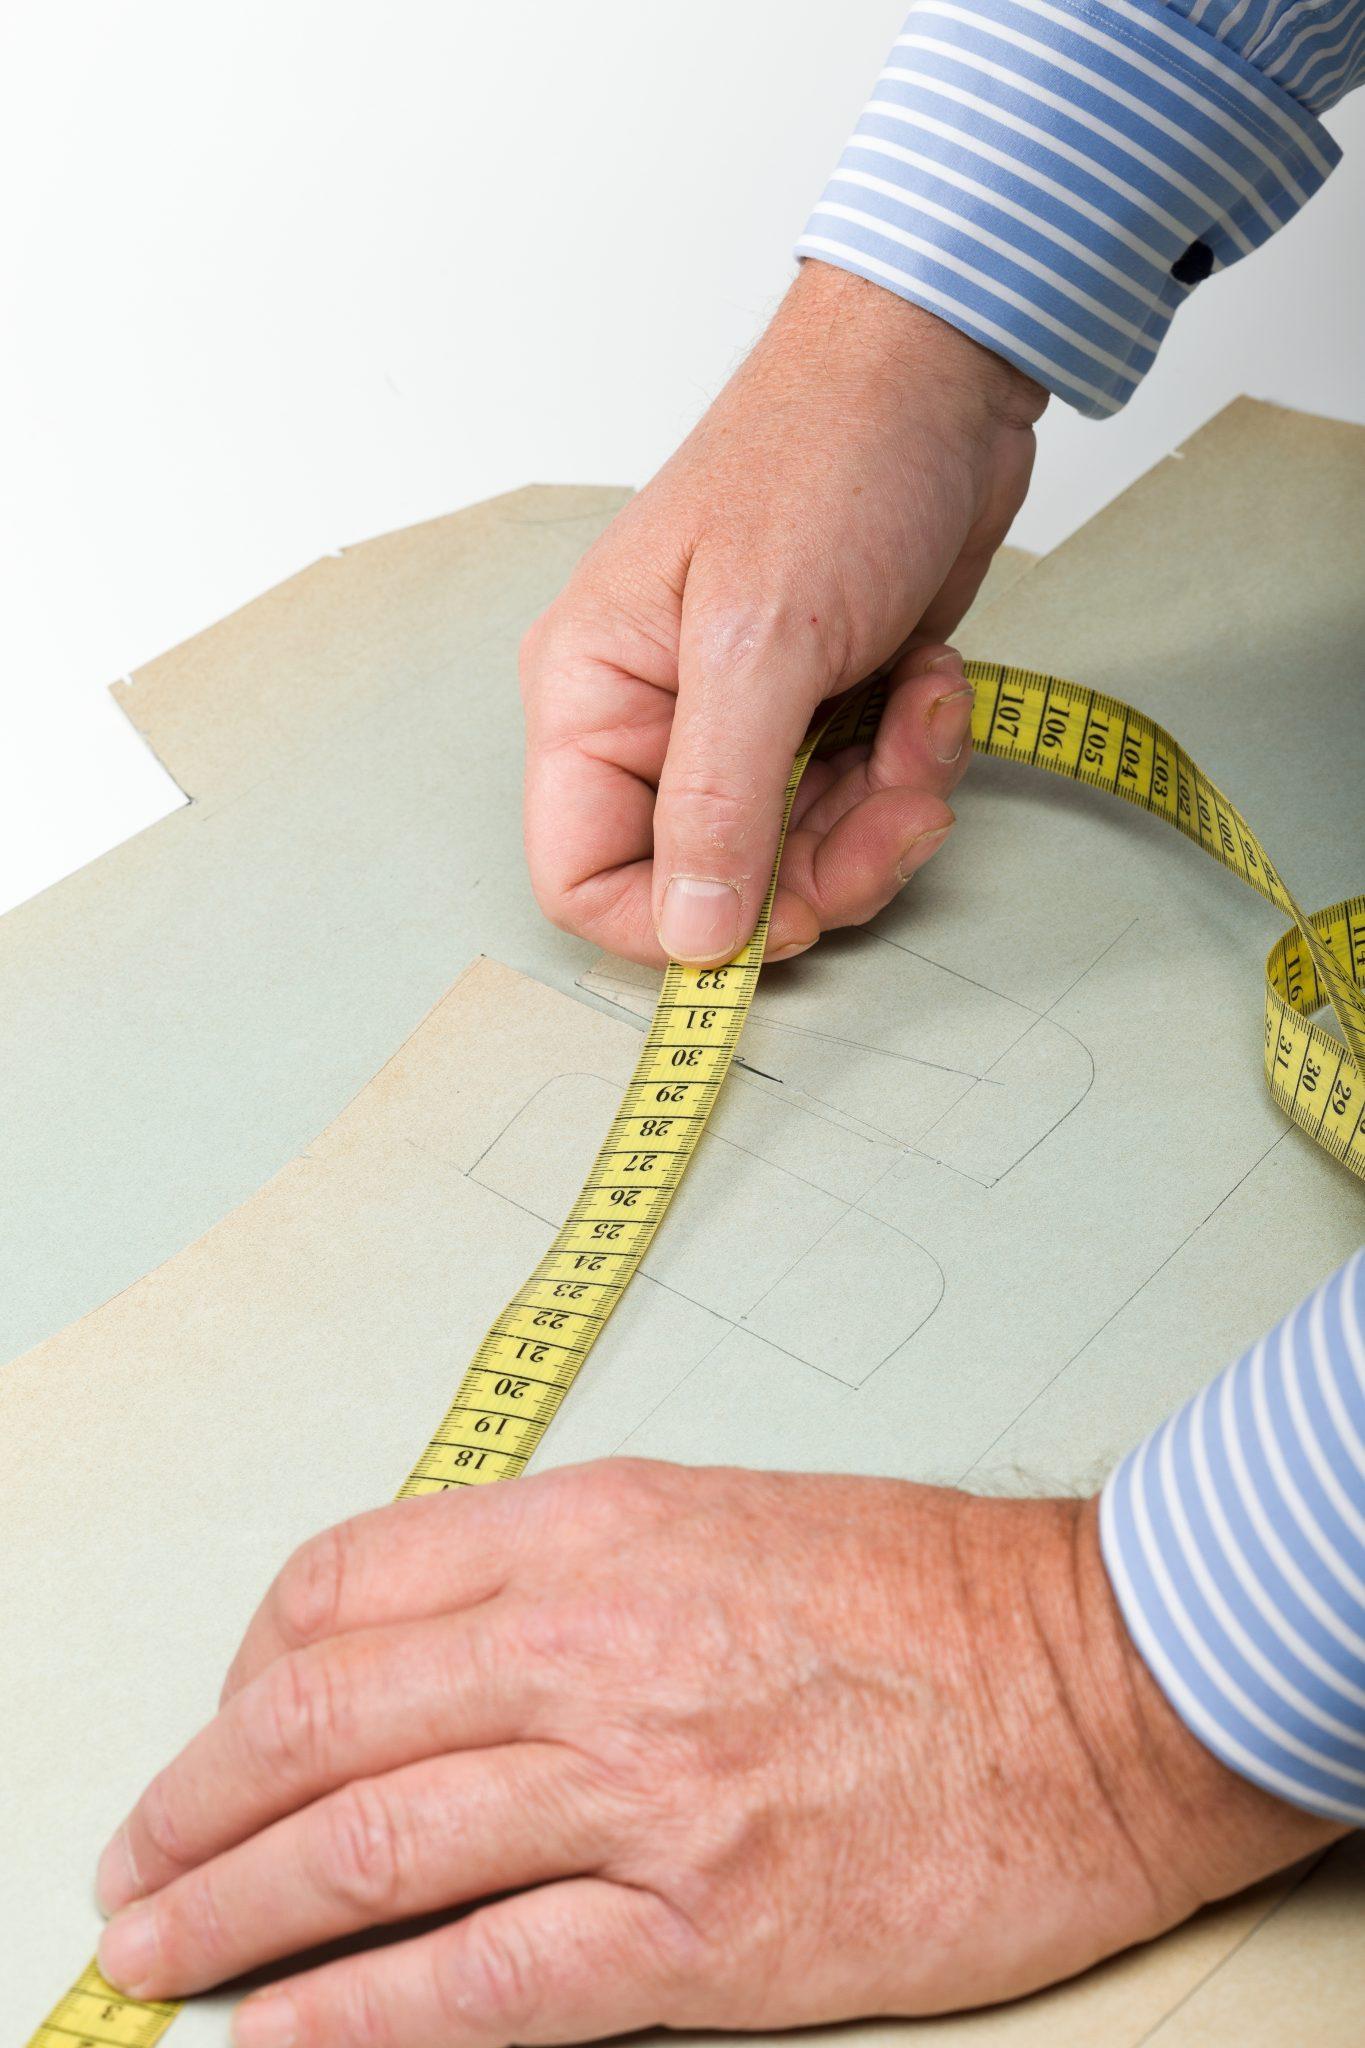 Measure-21